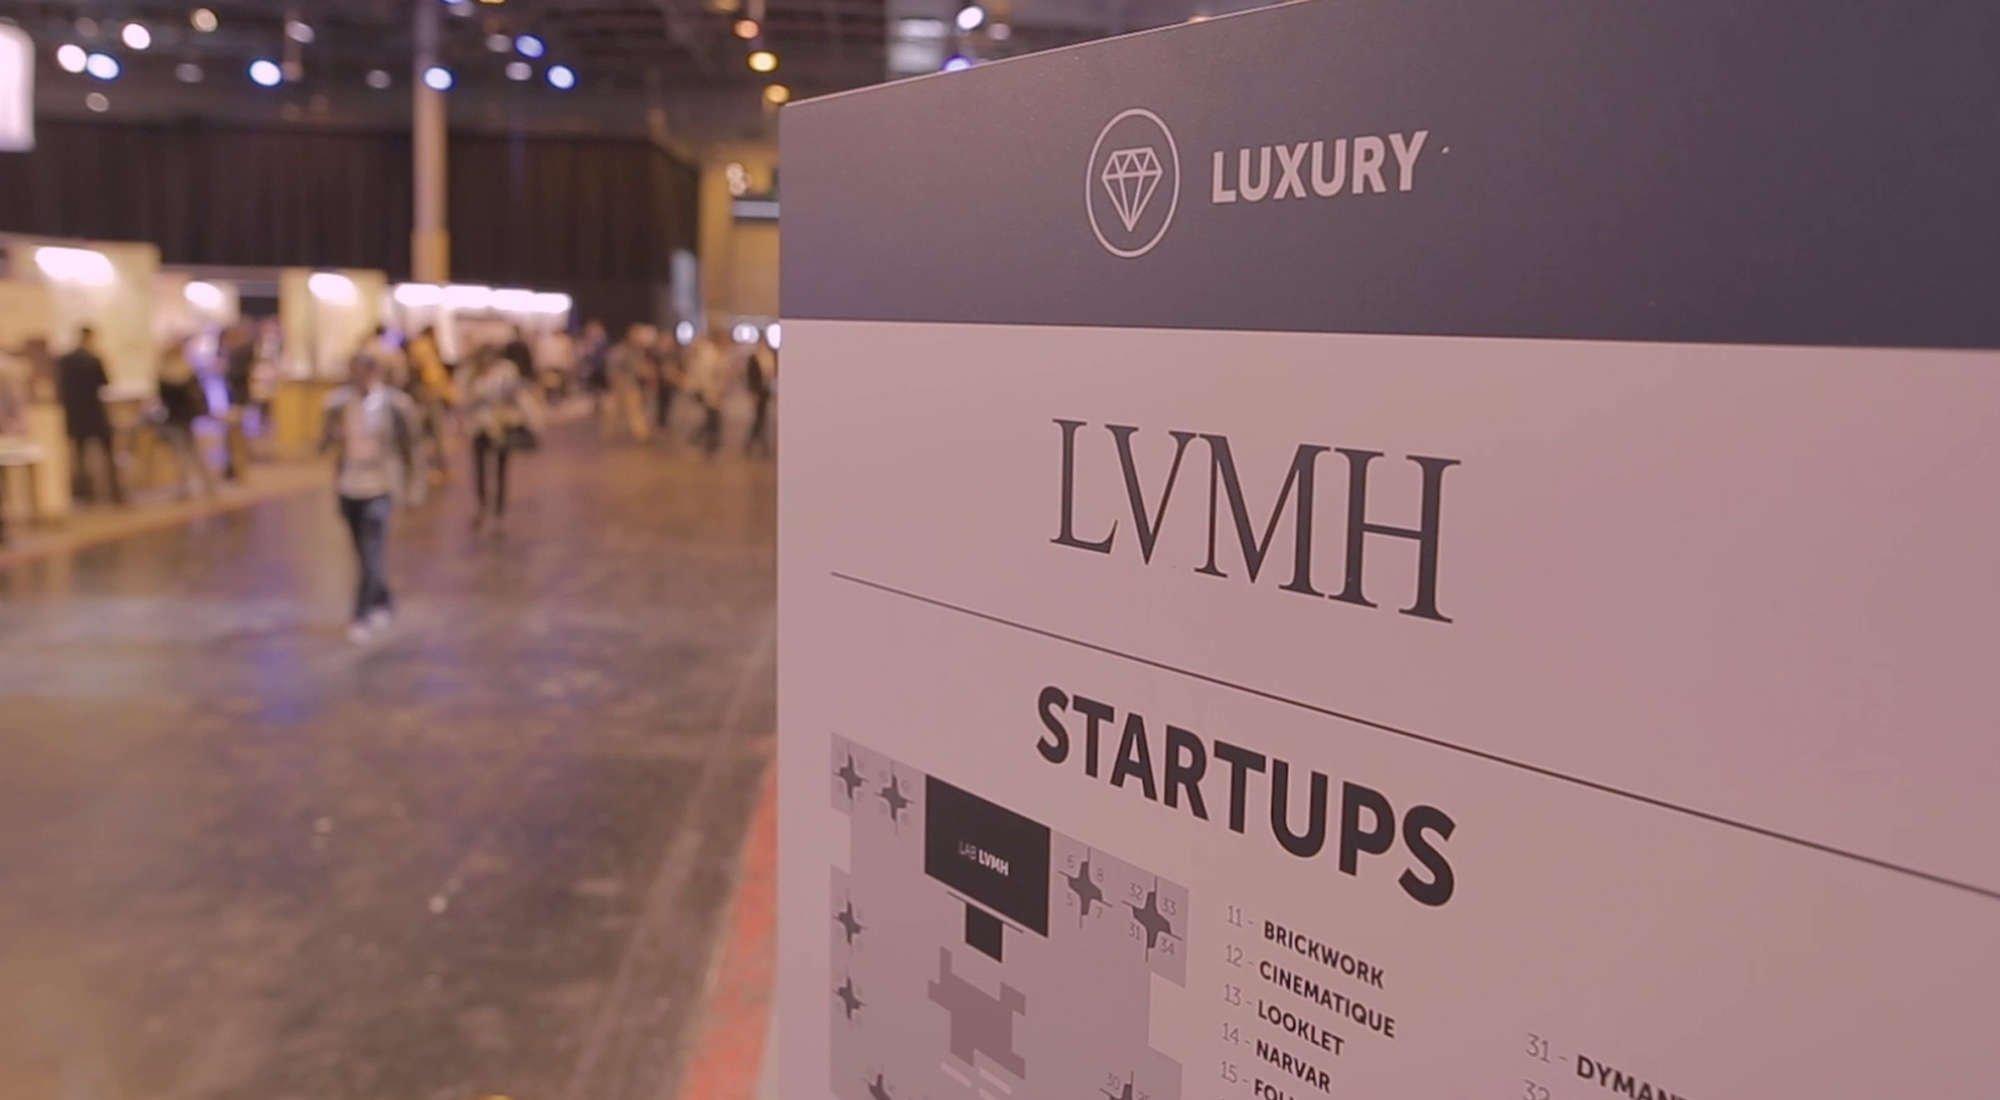 以LVMH集团为代表奢侈品巨头,成立了创新基金